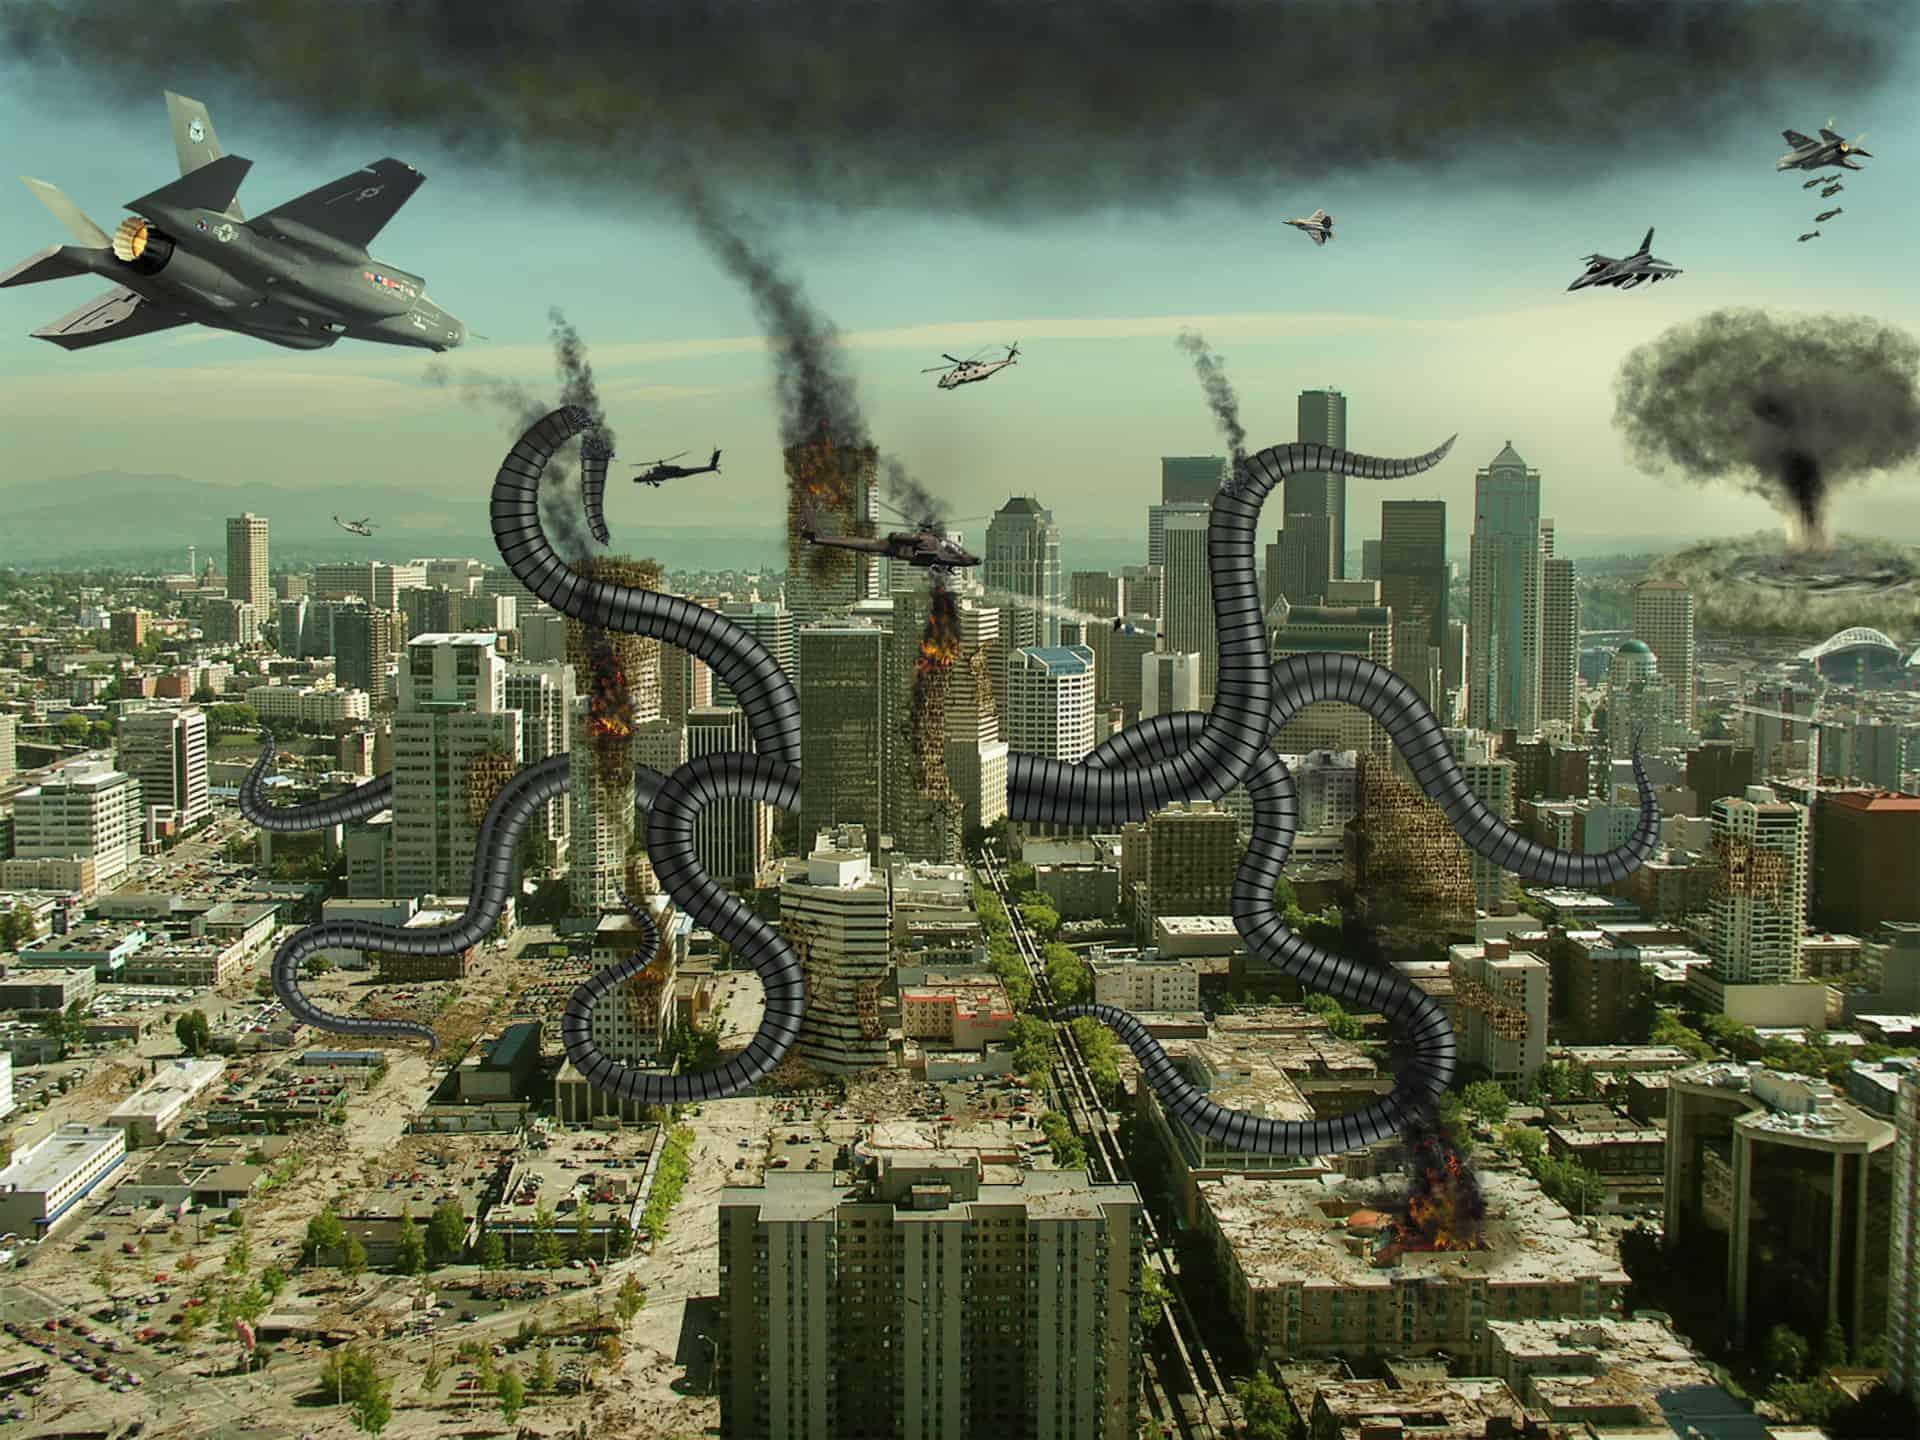 Create an Alien Invasion Photo Manipulation in Photoshop